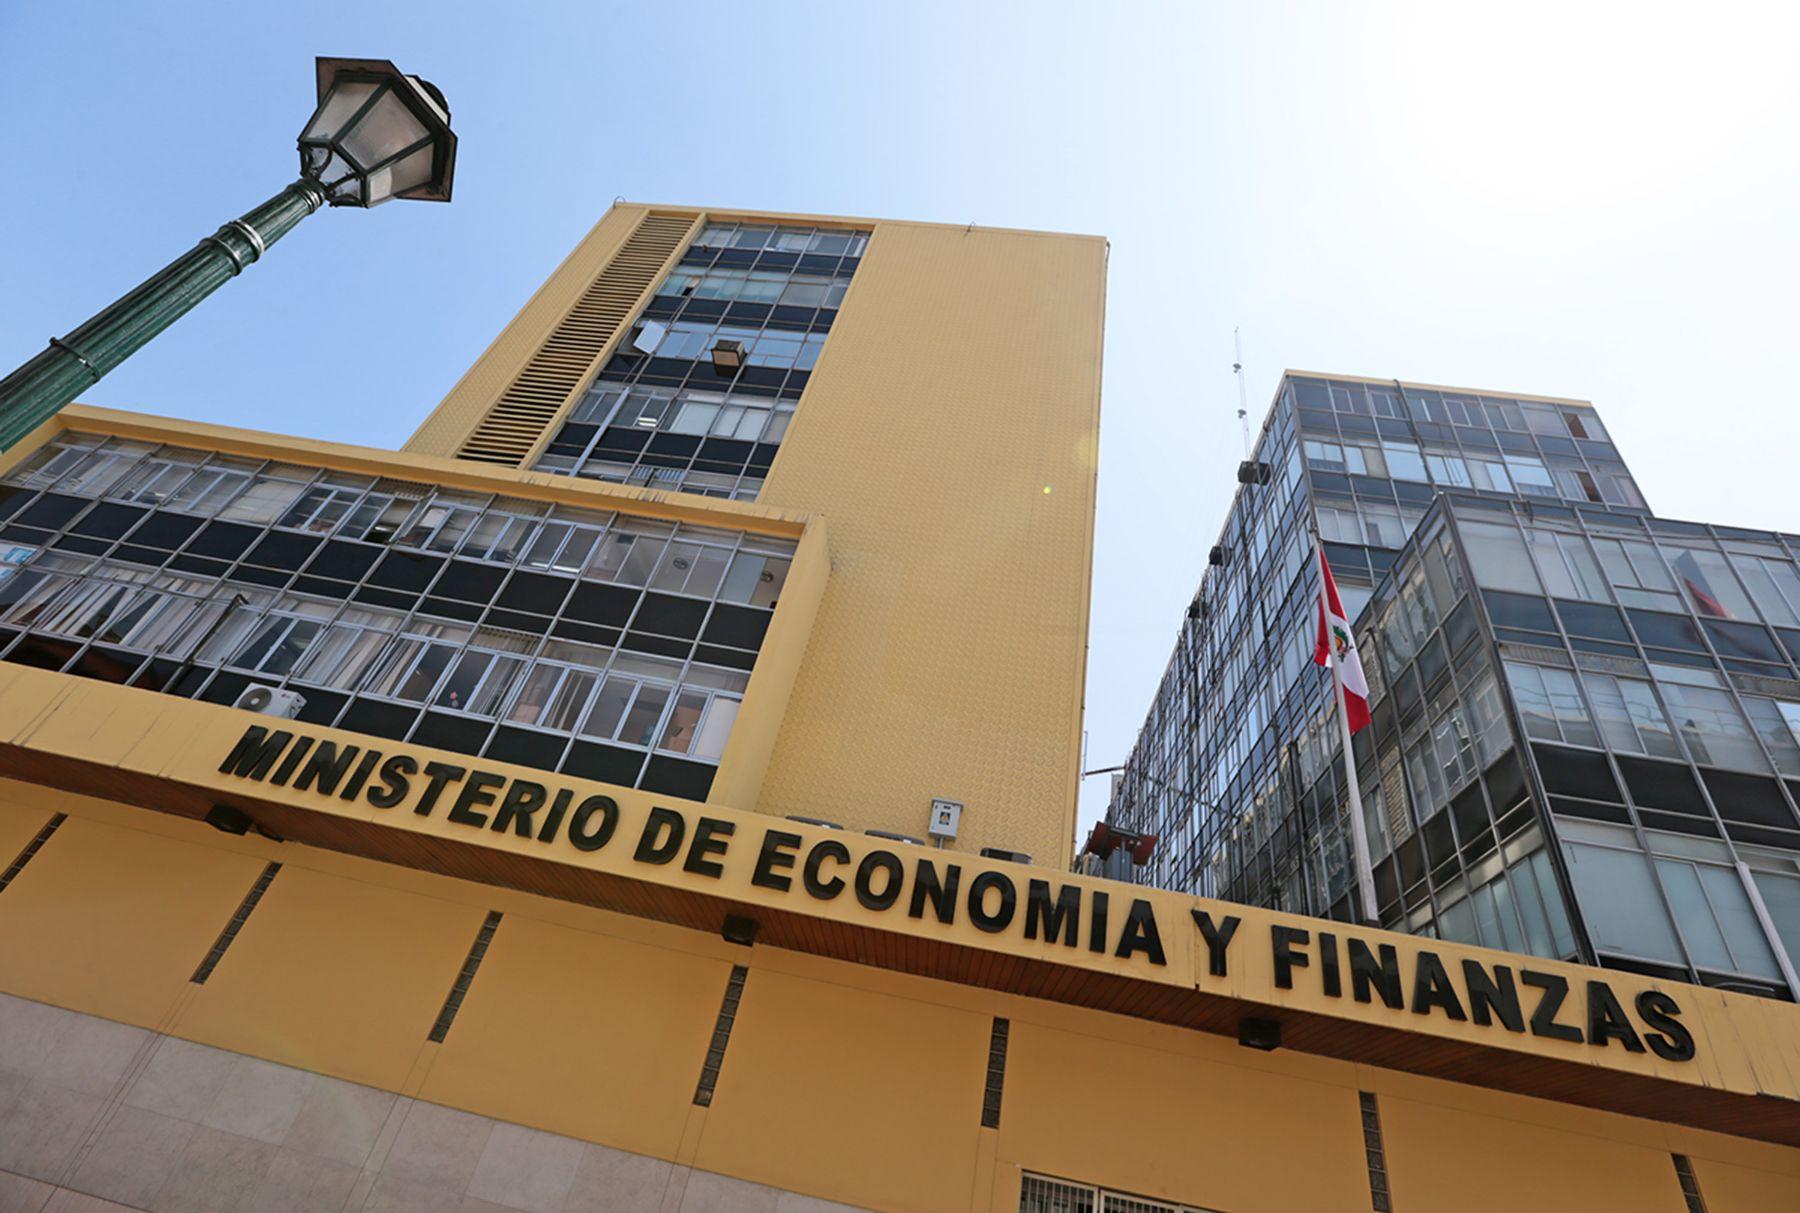 Ministerio de Economia.